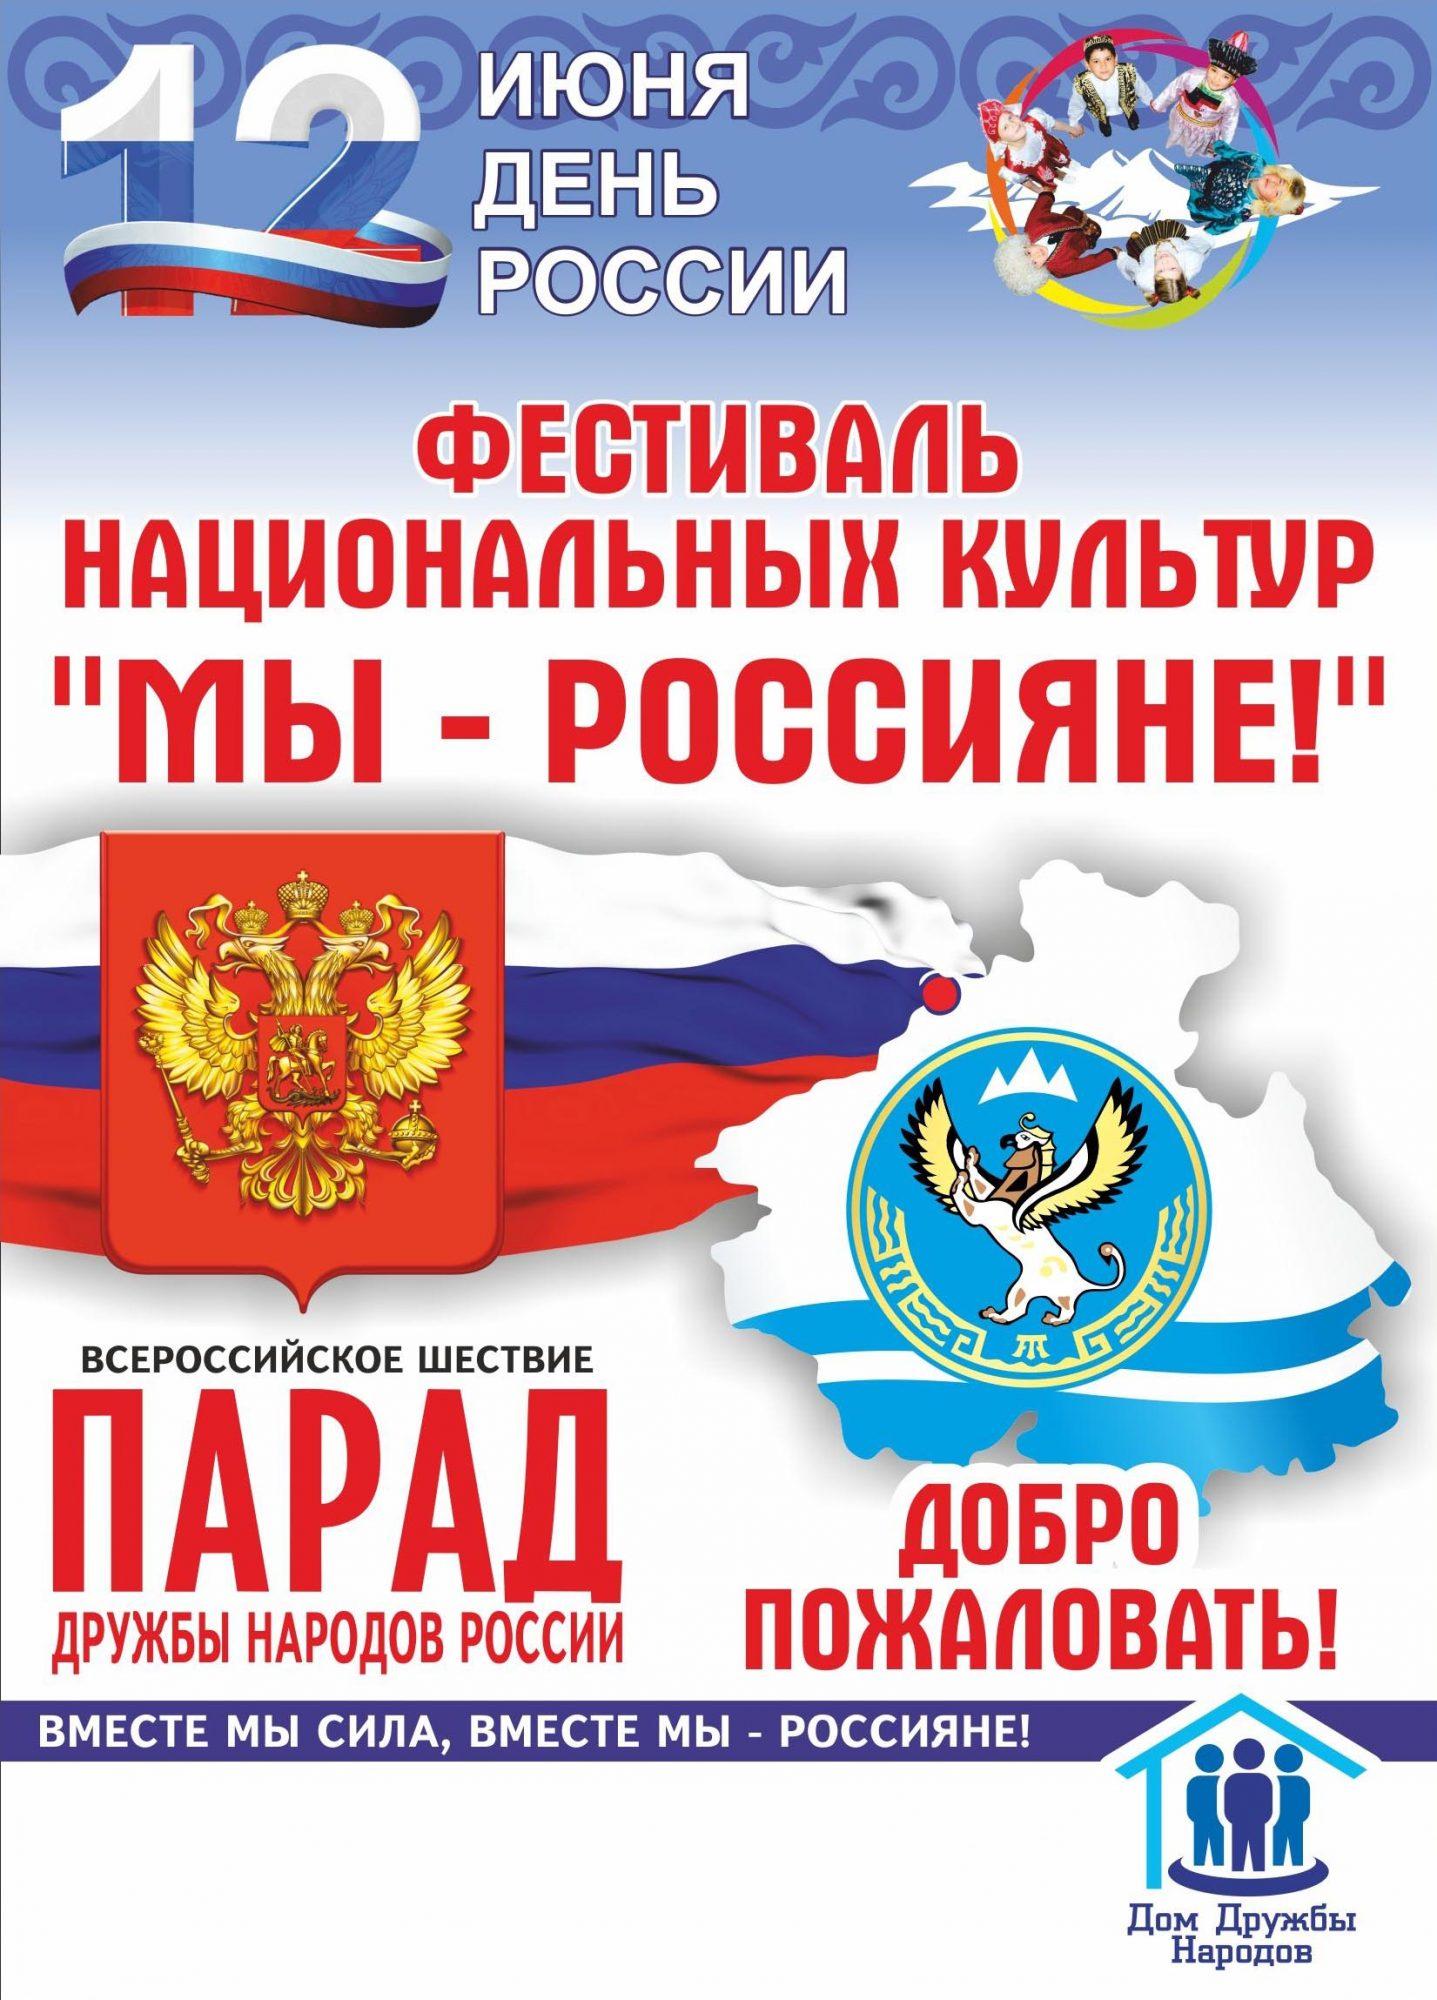 Парад дружбы народов пройдет в Горно-Алтайске 12 июня